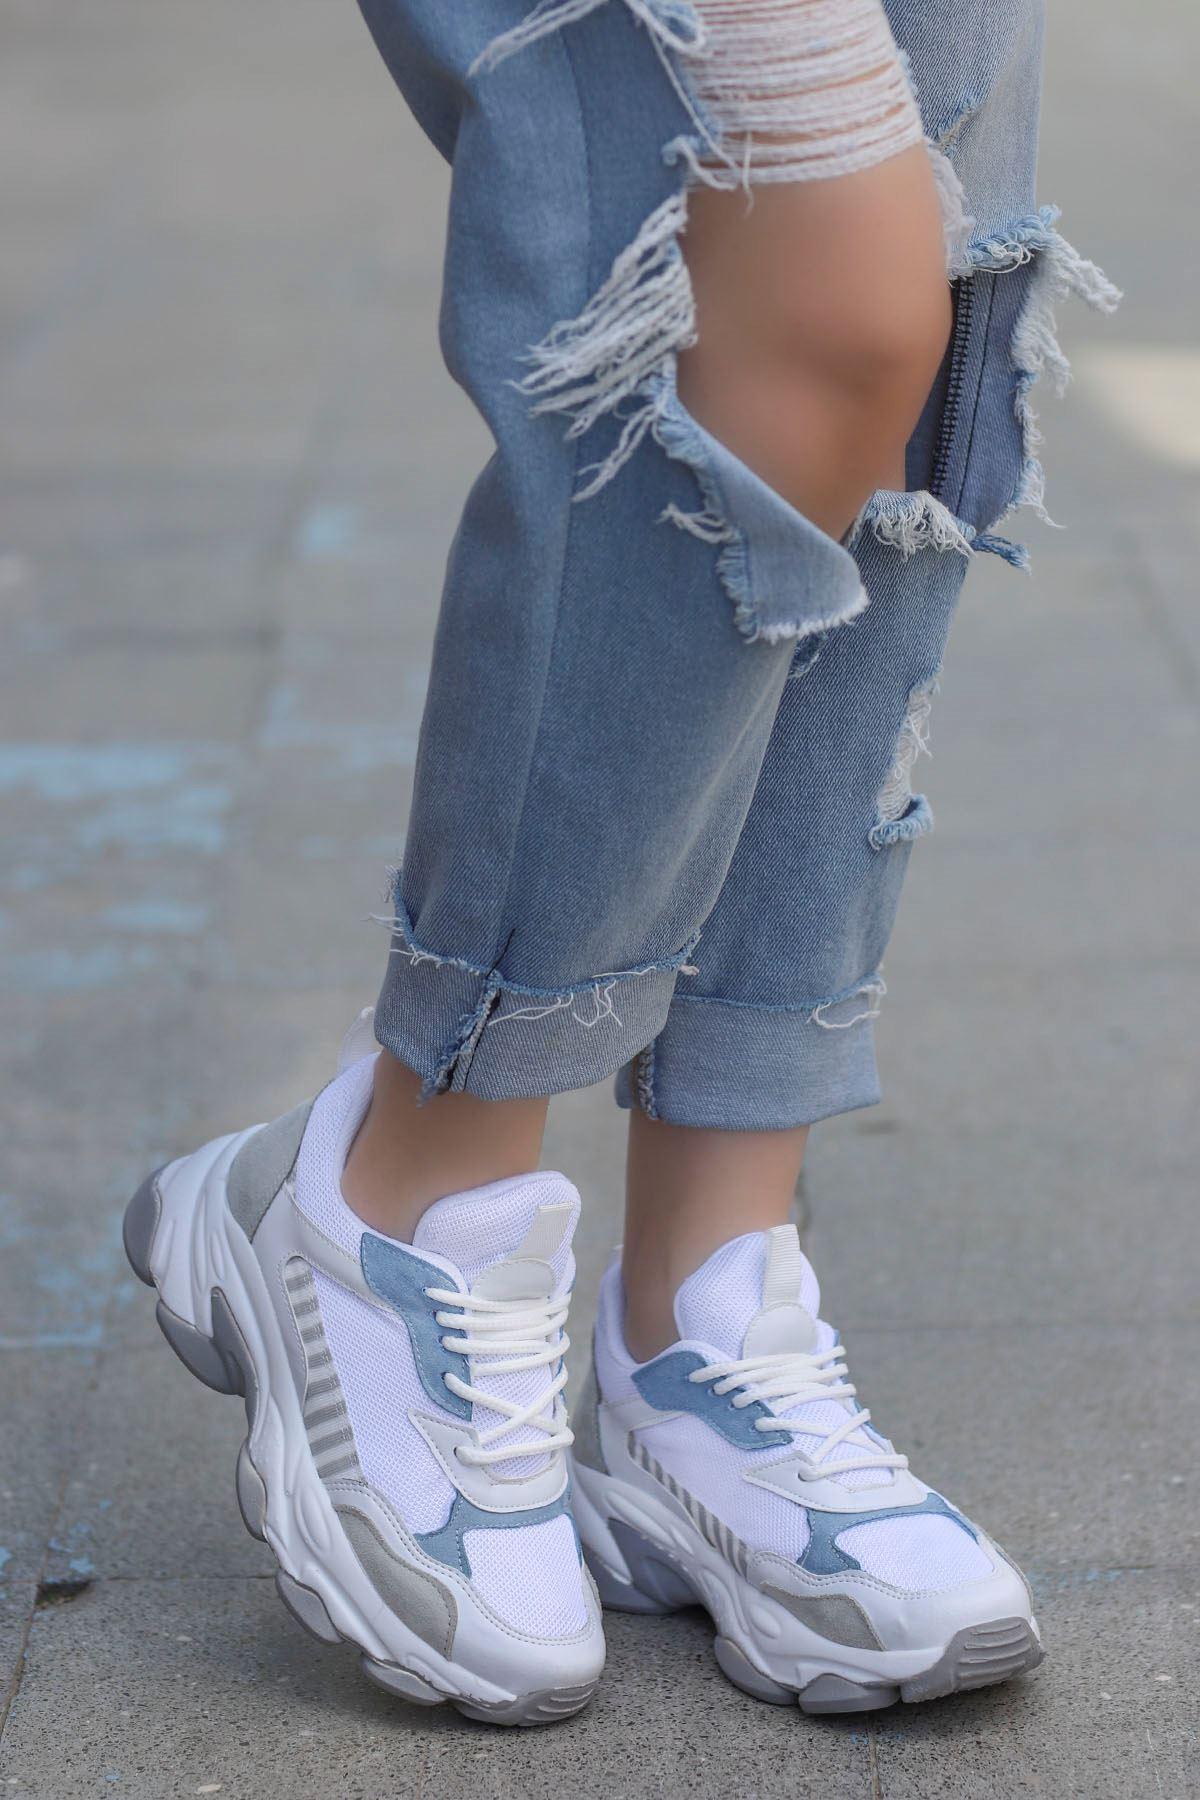 Kuki Tabanlı Spor Ayakkabı Beyaz Mavi